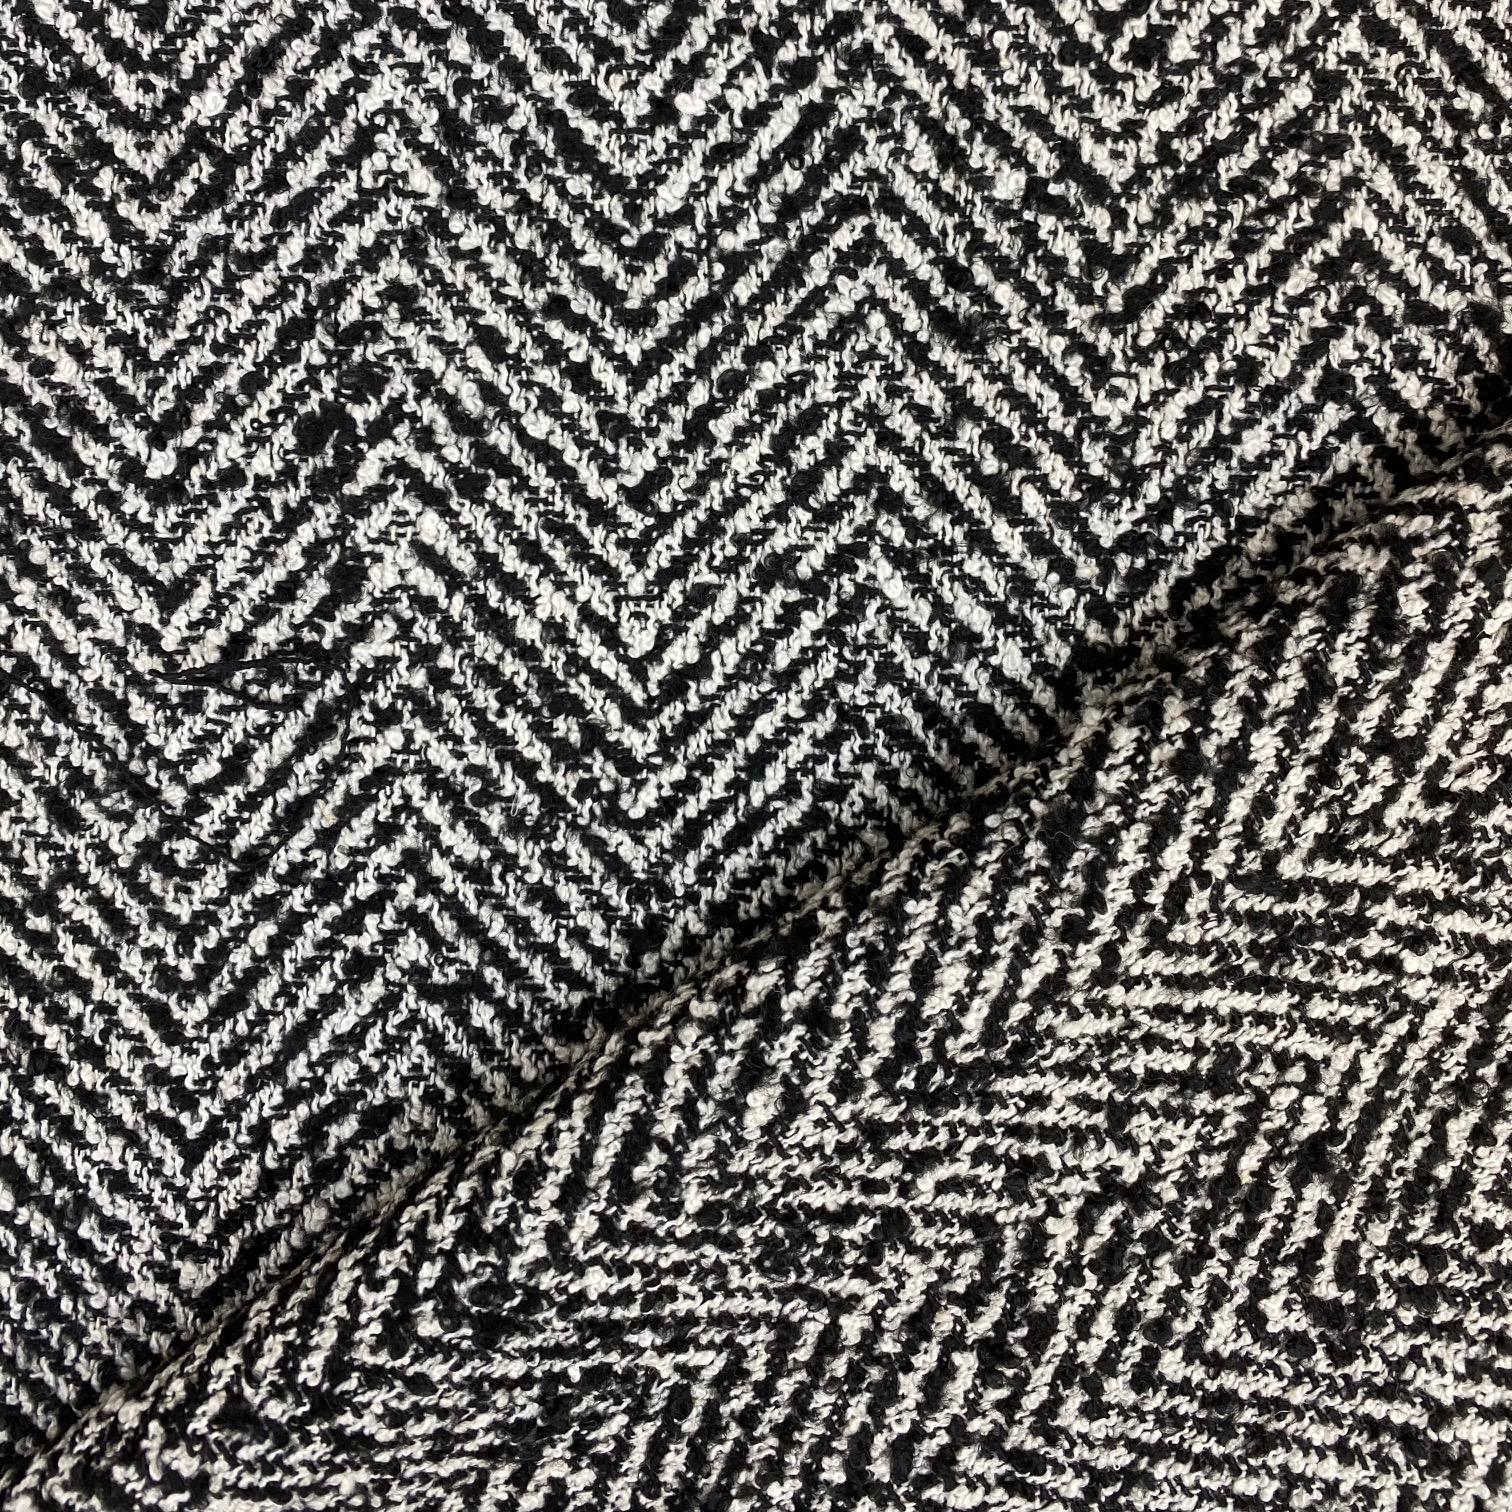 Mantelstoff Woll-Mix Fischgrat Muster. Art. 3332-01